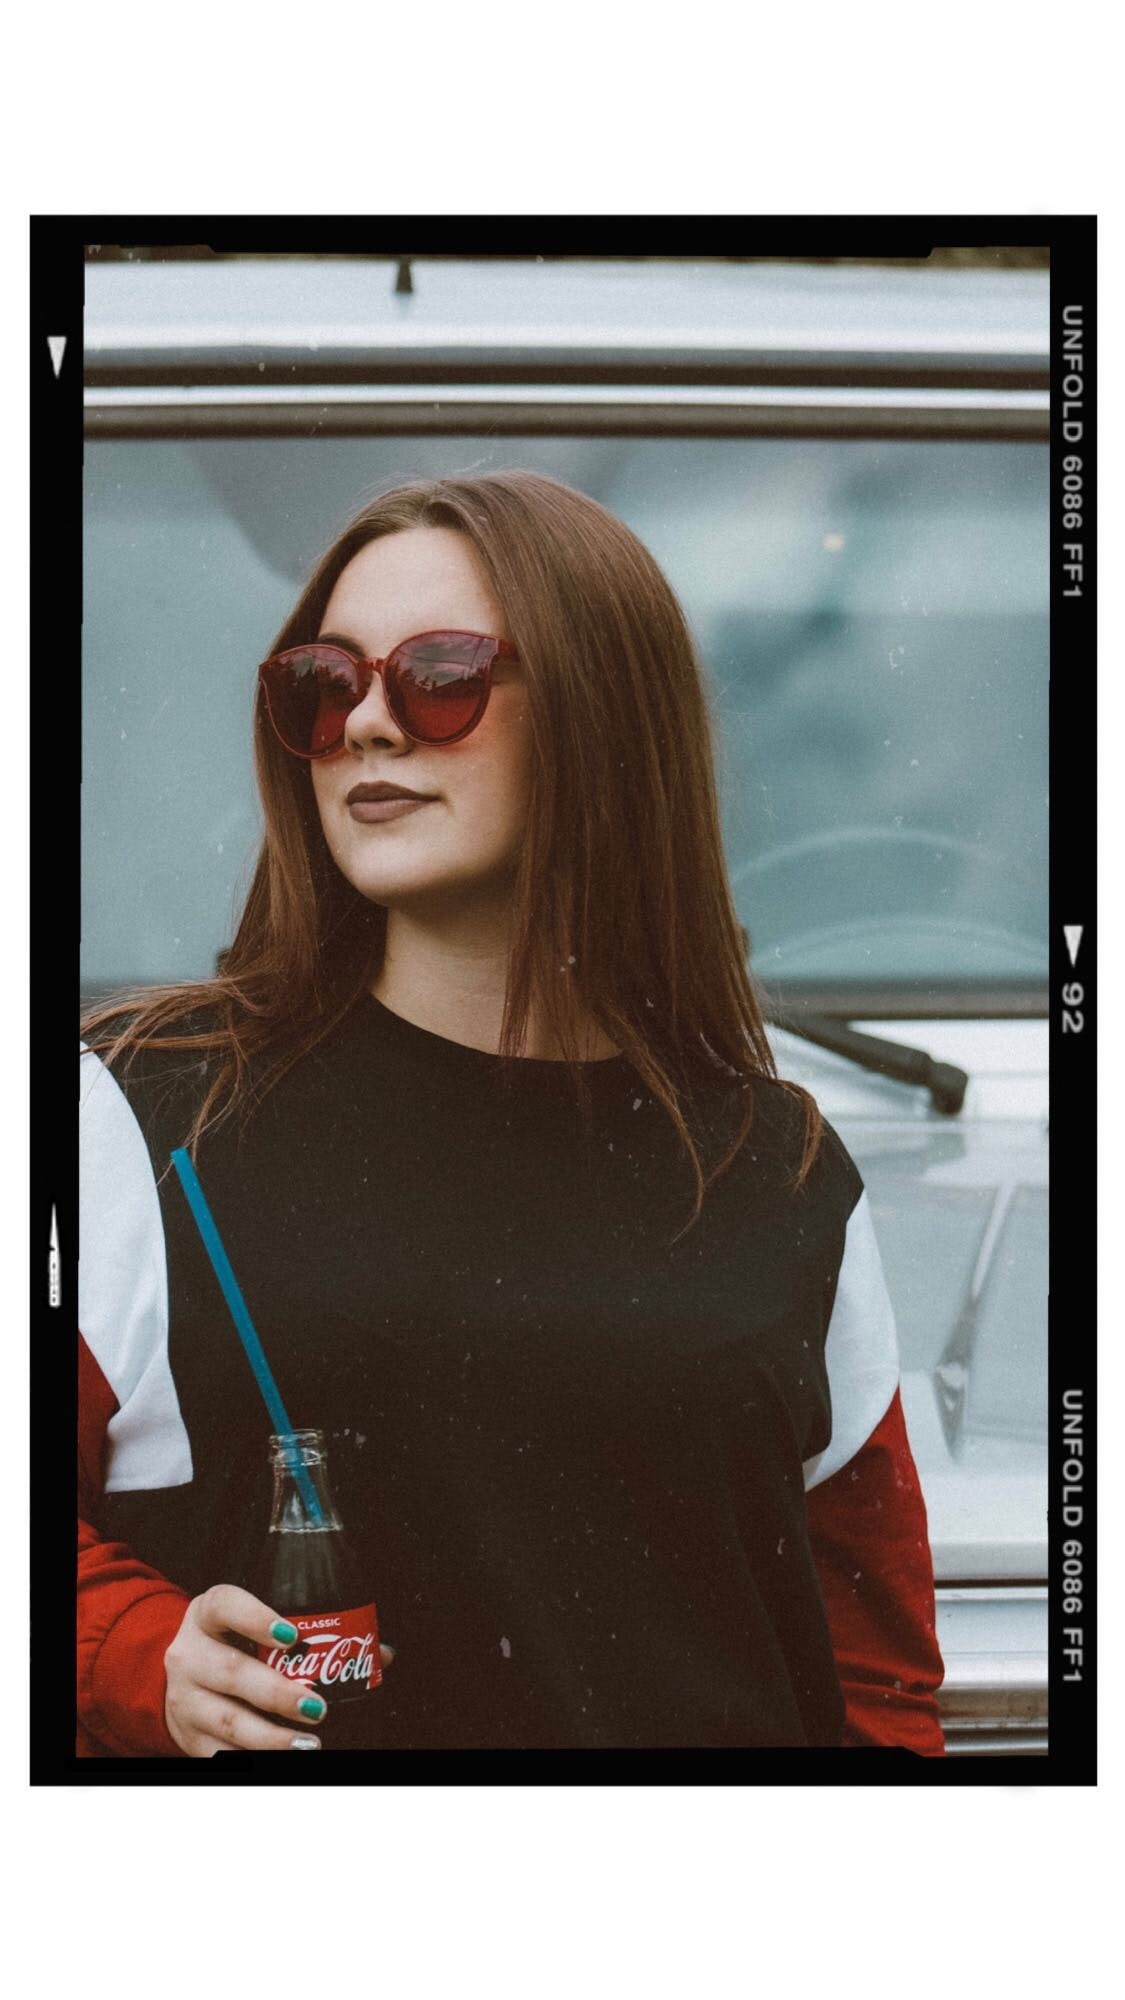 Go to Angelica Levshakowa's profile